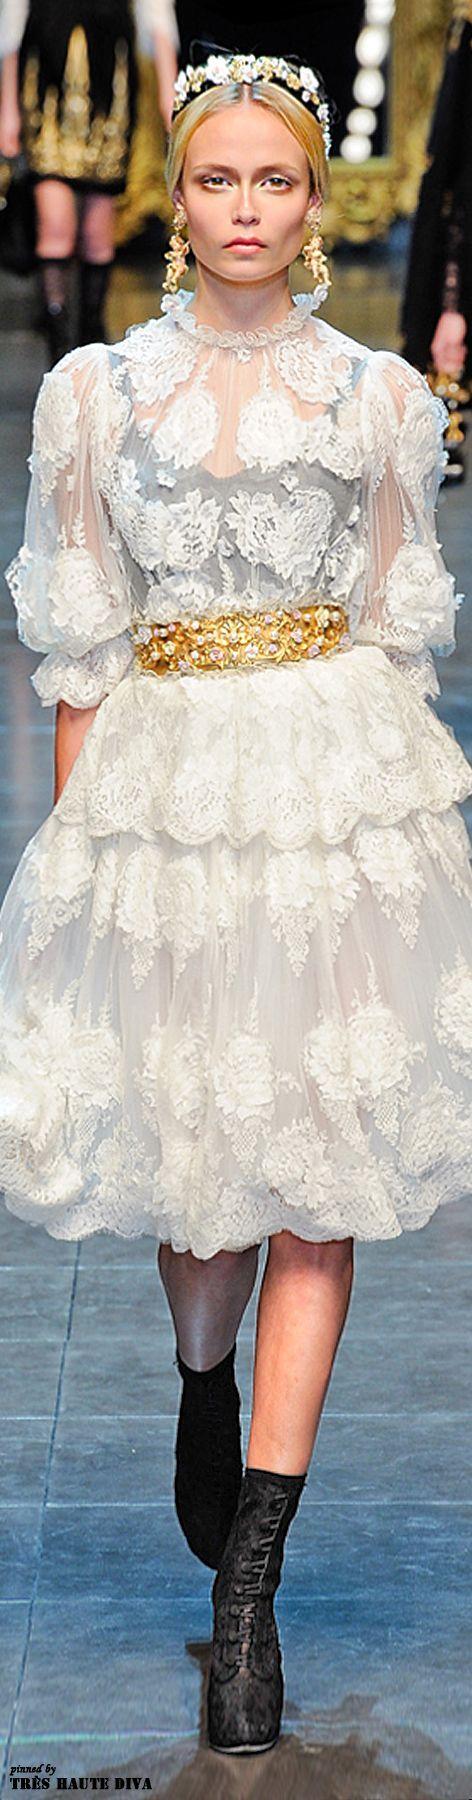 best disfracesmascaras y penachos images on pinterest costumes